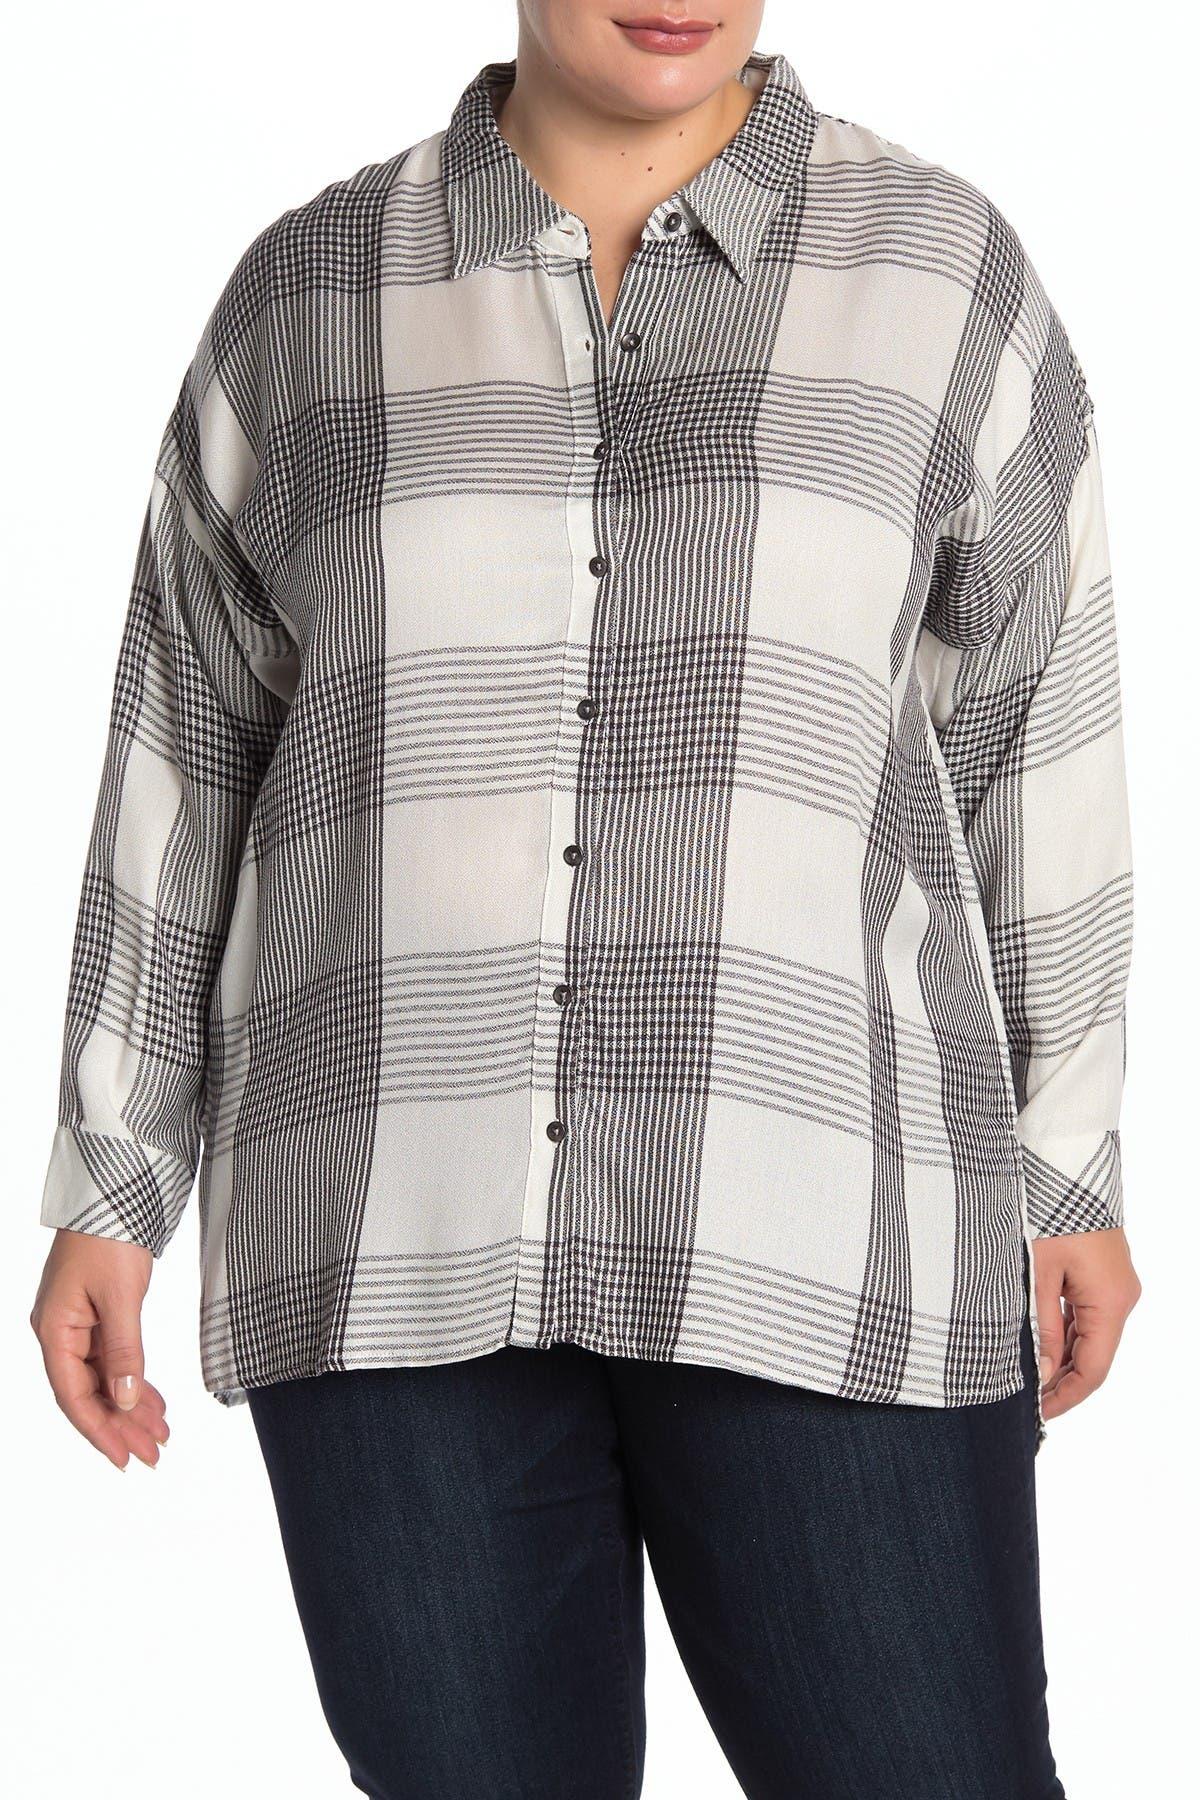 Image of Workshop Plaid Long Sleeve Shirt